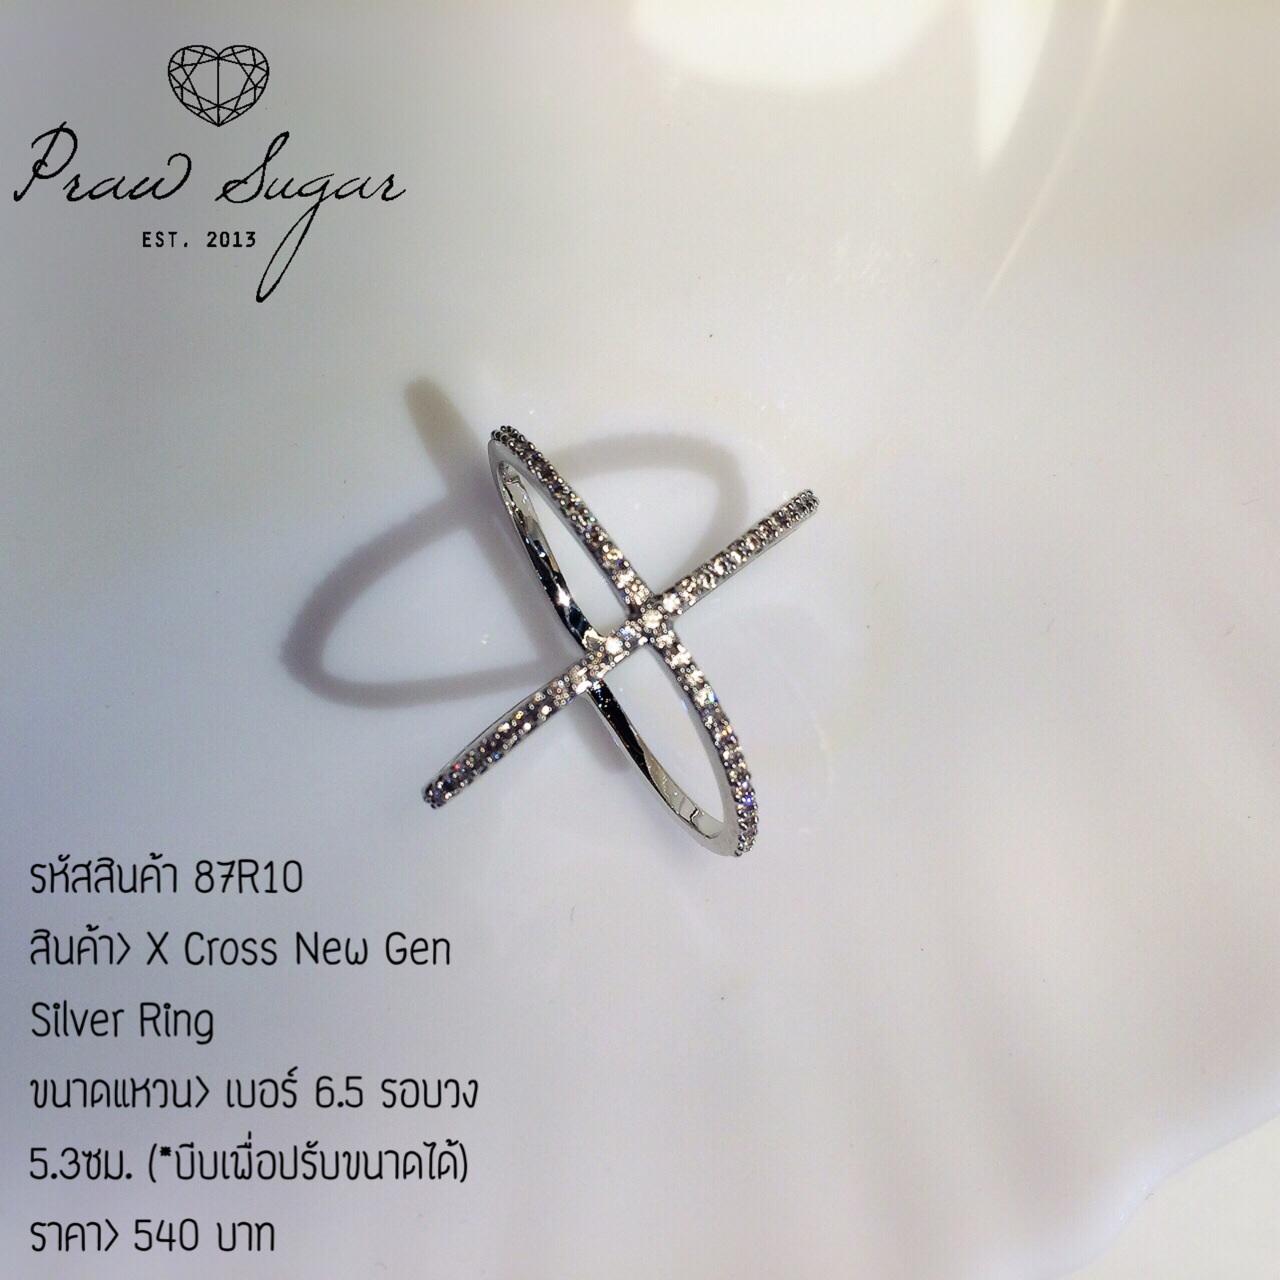 X cross New Gen Silver Ring